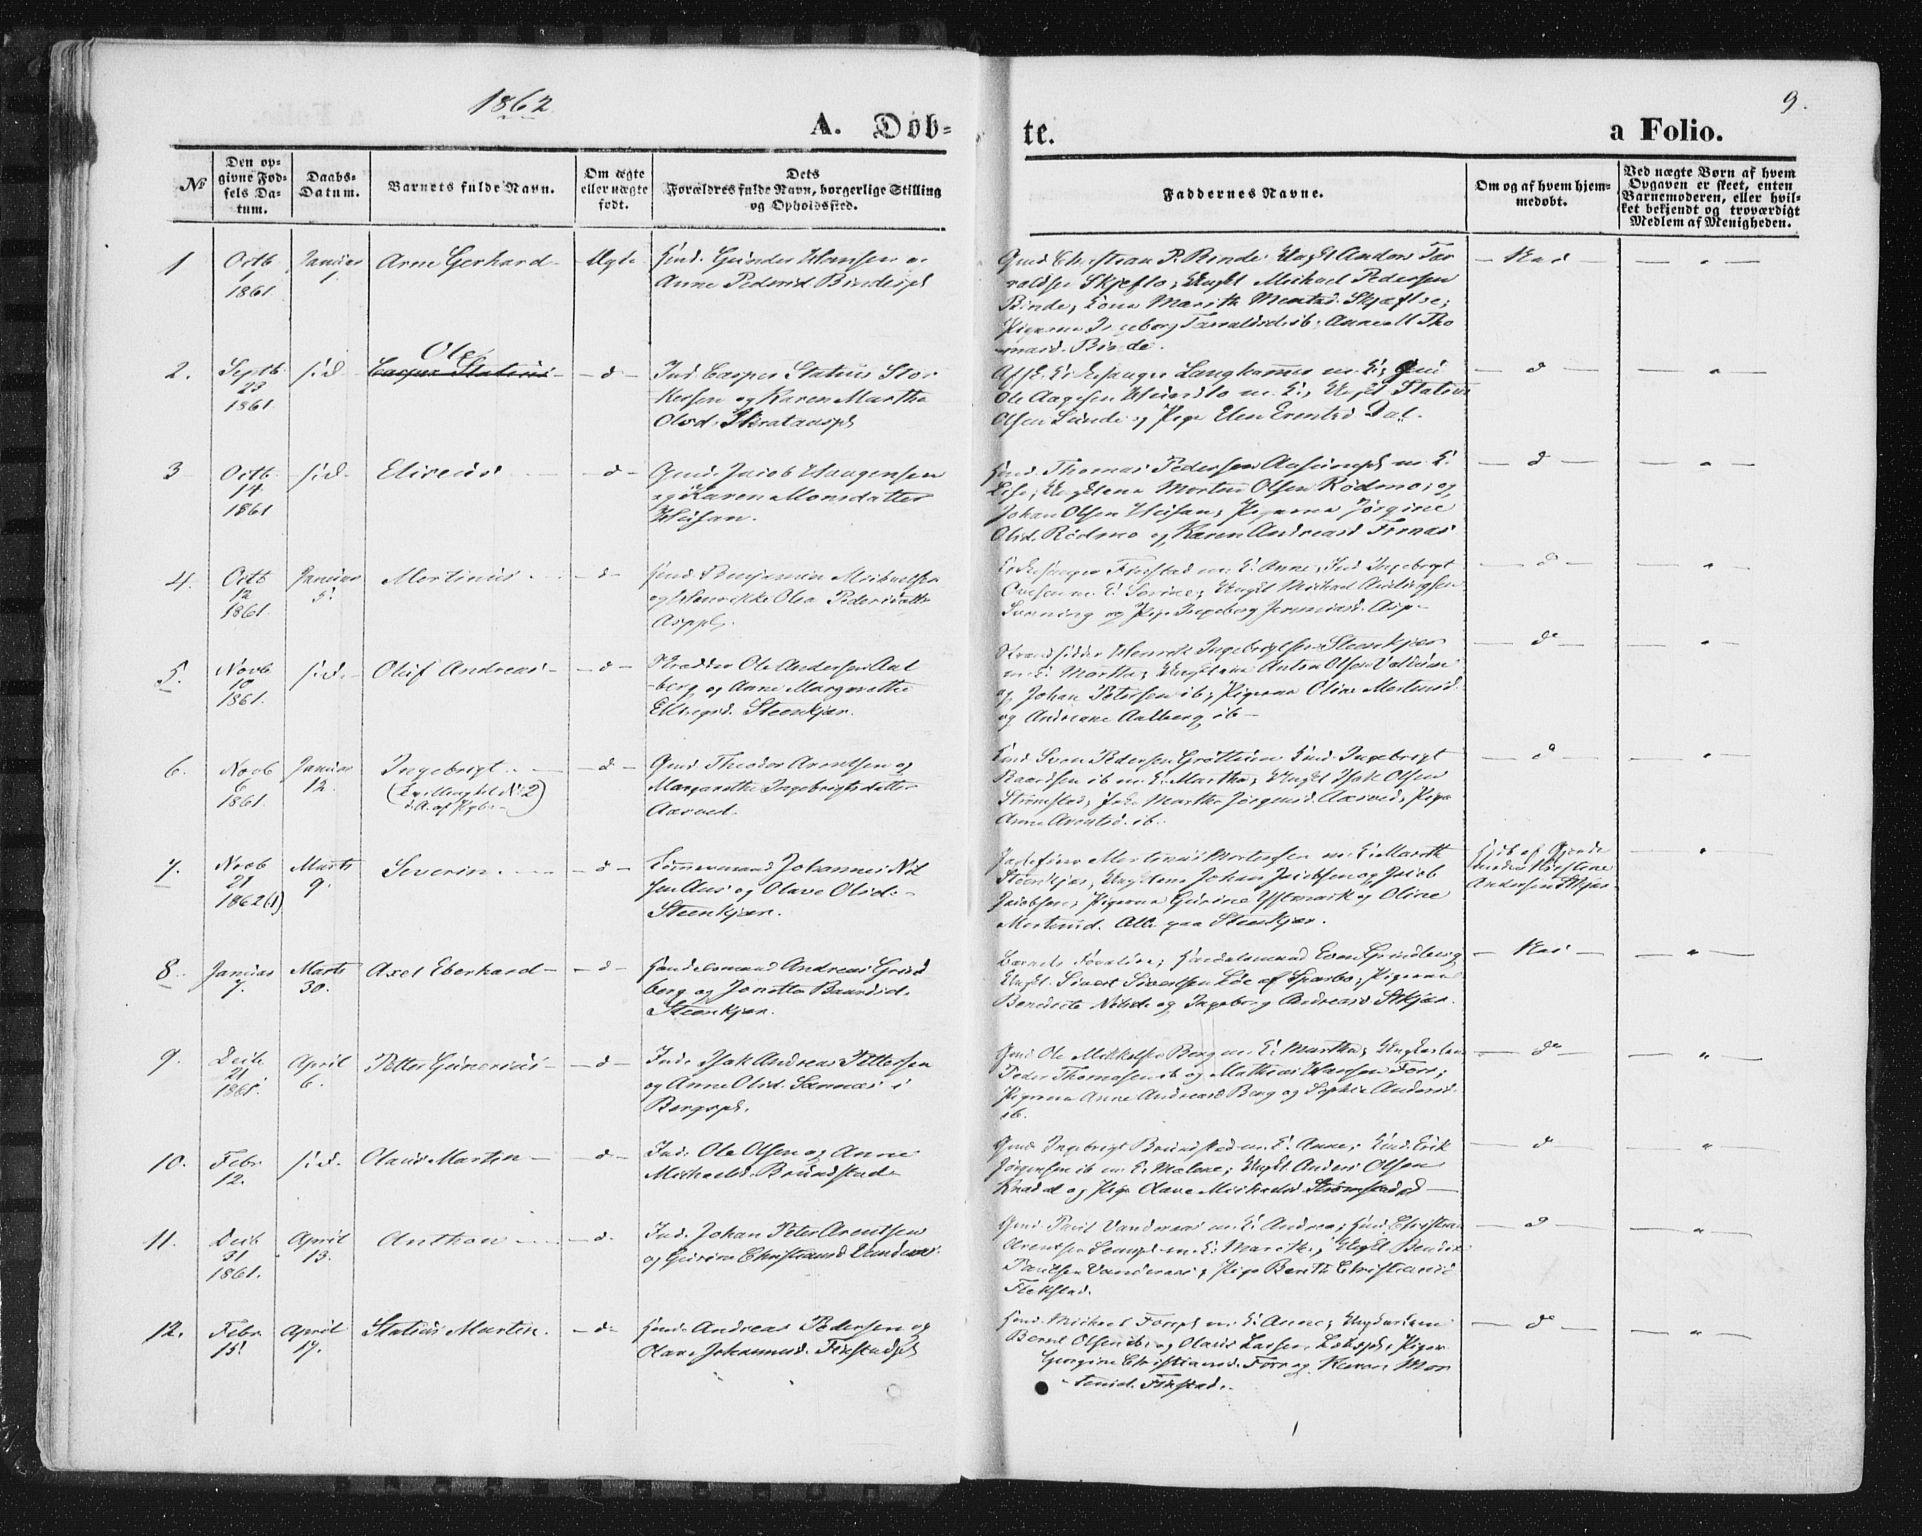 SAT, Ministerialprotokoller, klokkerbøker og fødselsregistre - Nord-Trøndelag, 746/L0447: Ministerialbok nr. 746A06, 1860-1877, s. 9